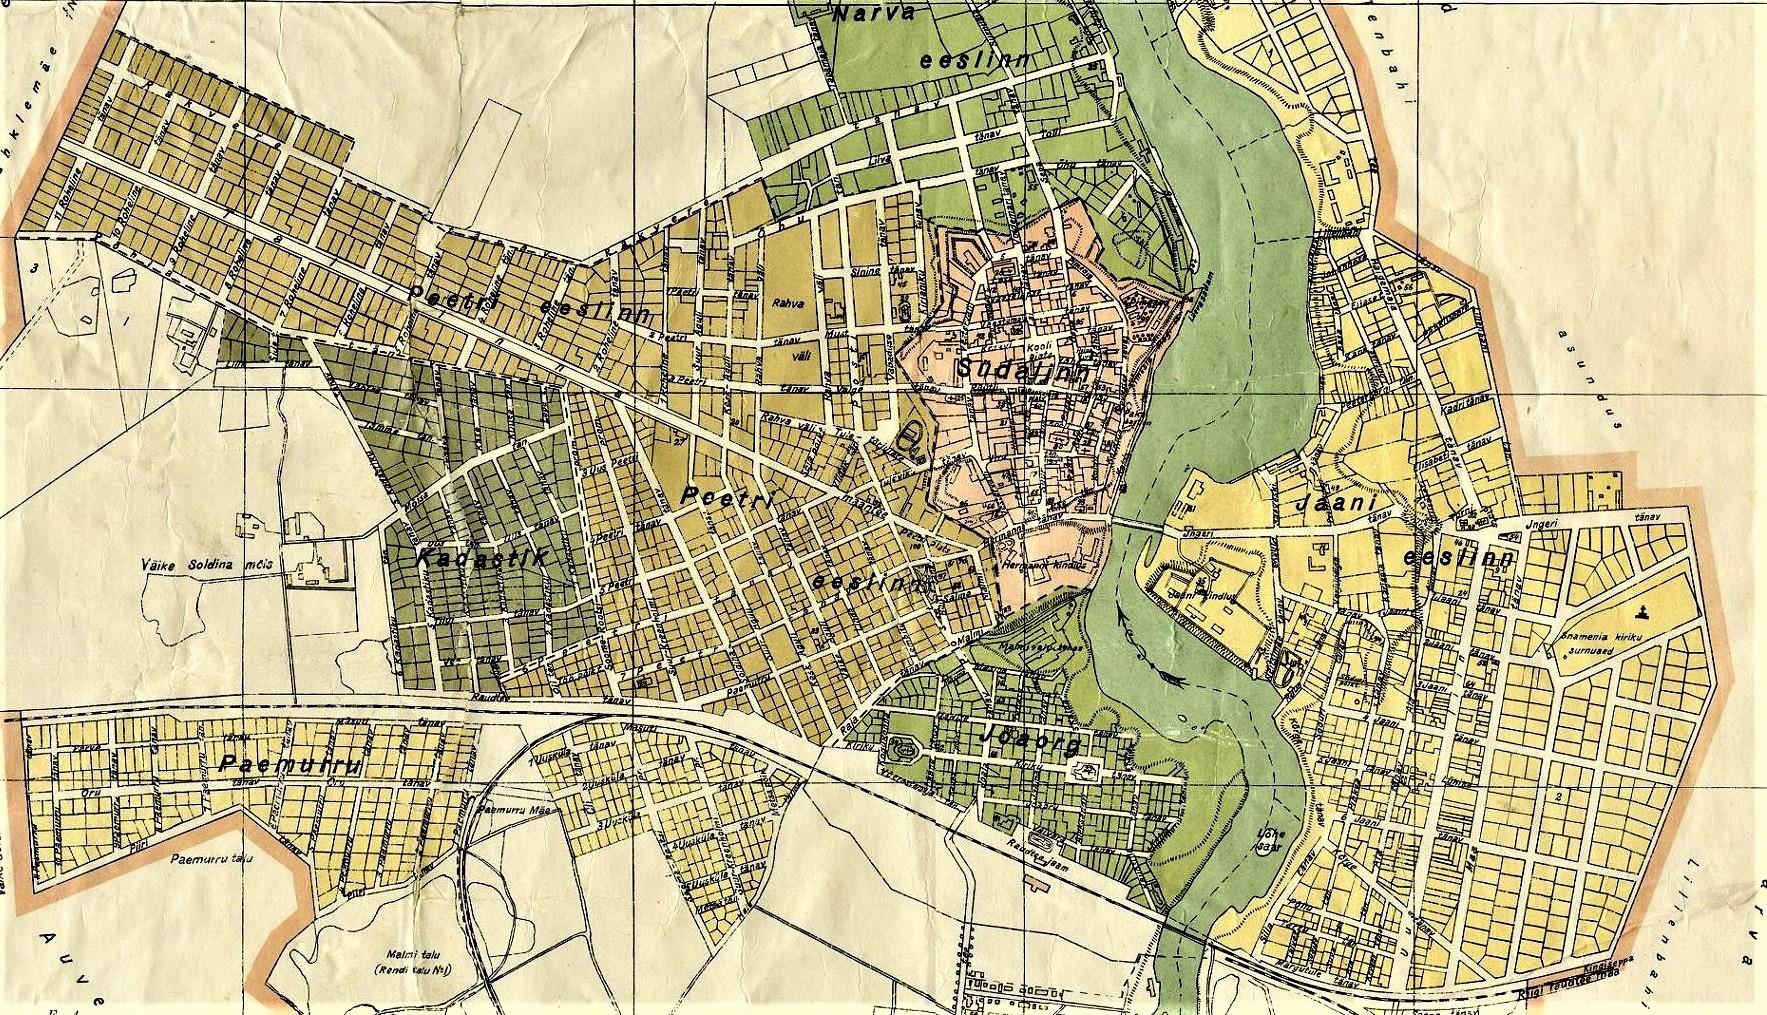 В субботу, 5 декабря в 12:00 Нарвский музей приглашает на пешеходную экскурсию по Старой Нарве